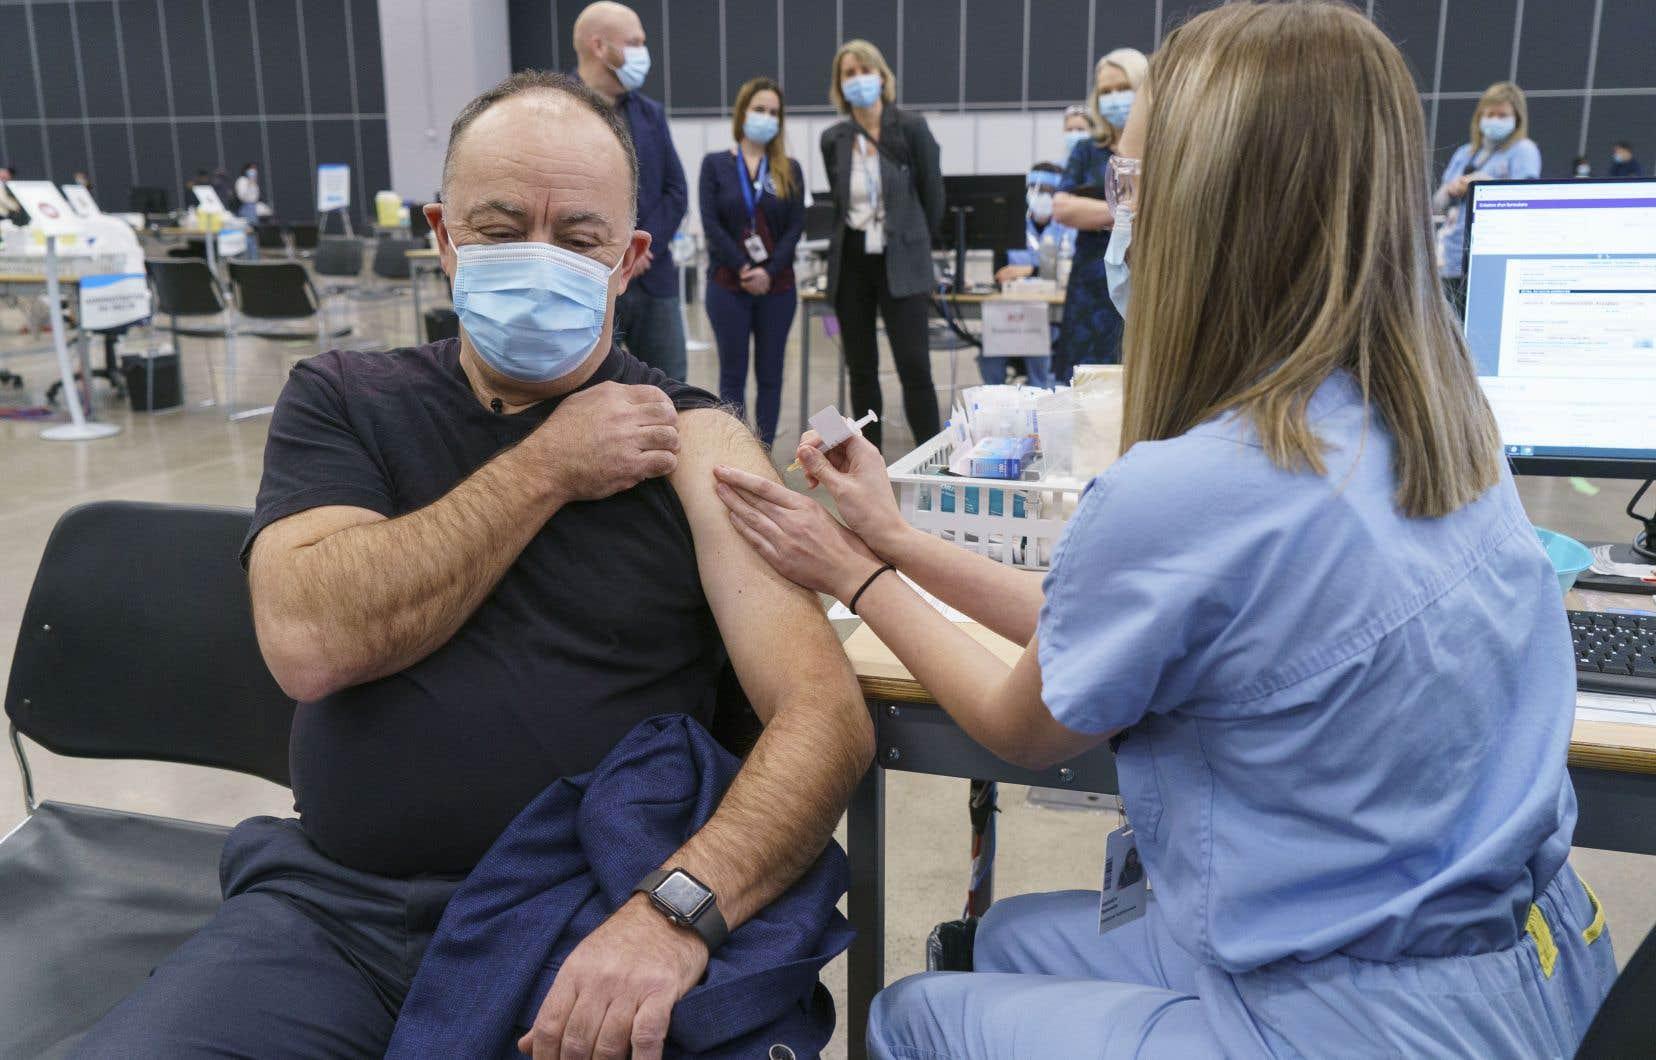 En se faisant inoculer le vaccin d'AstraZeneca, le ministre Dubé tentait de rassurer le public après que plusieurs pays eurent suspendu l'utilisation de ce vaccin.